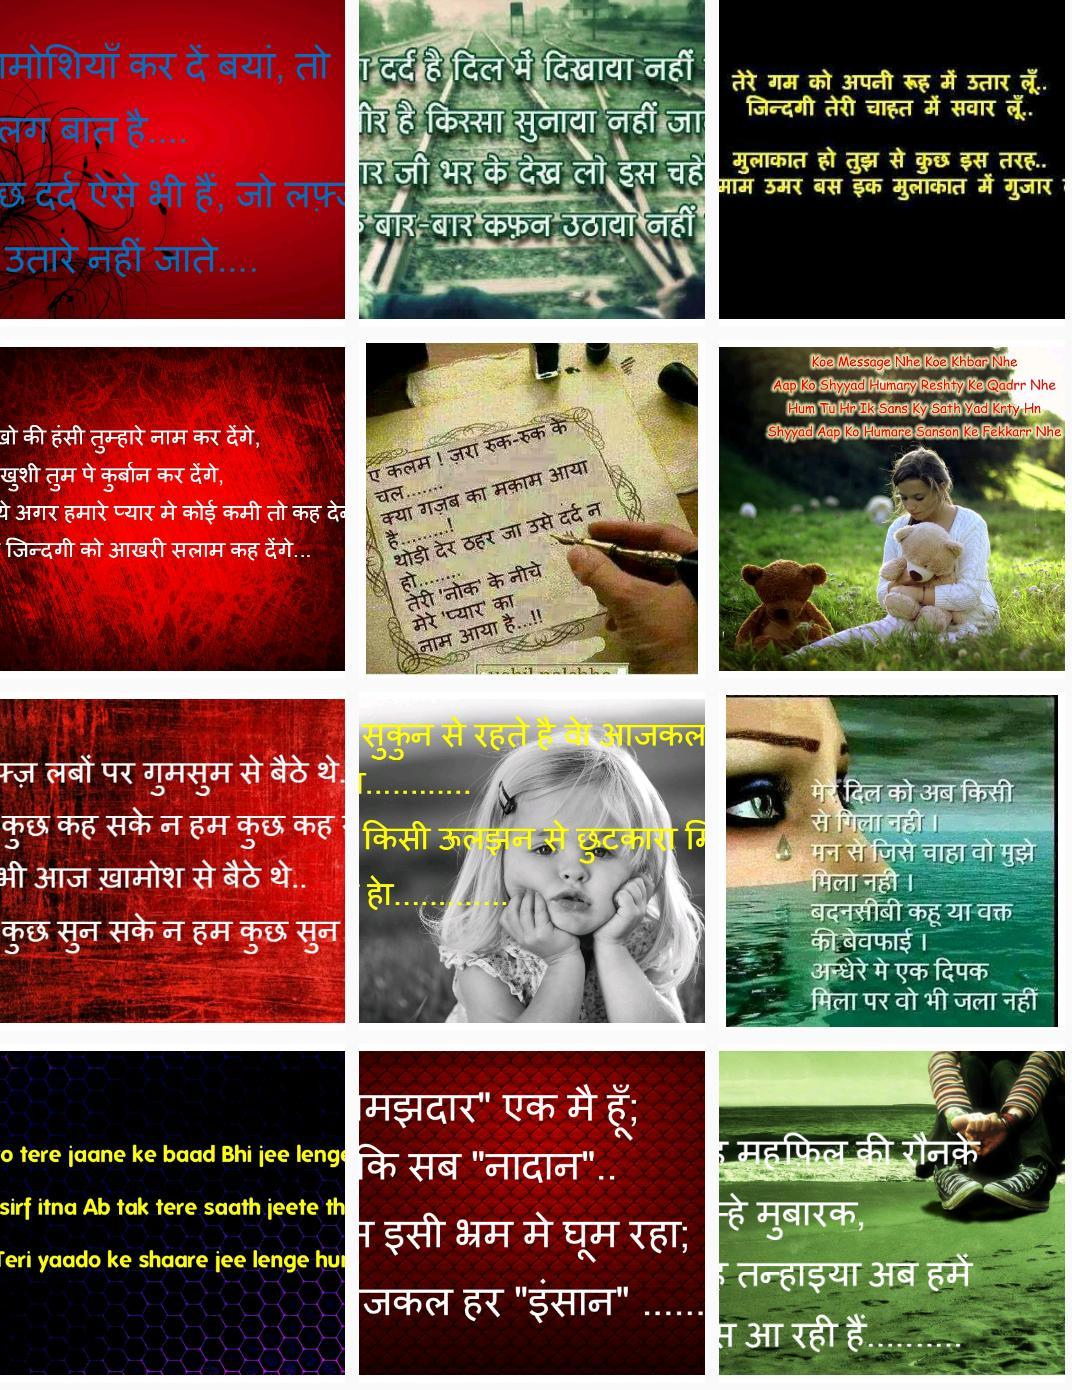 Hindi Dard Bhari Shayari Images Latest for Android - APK